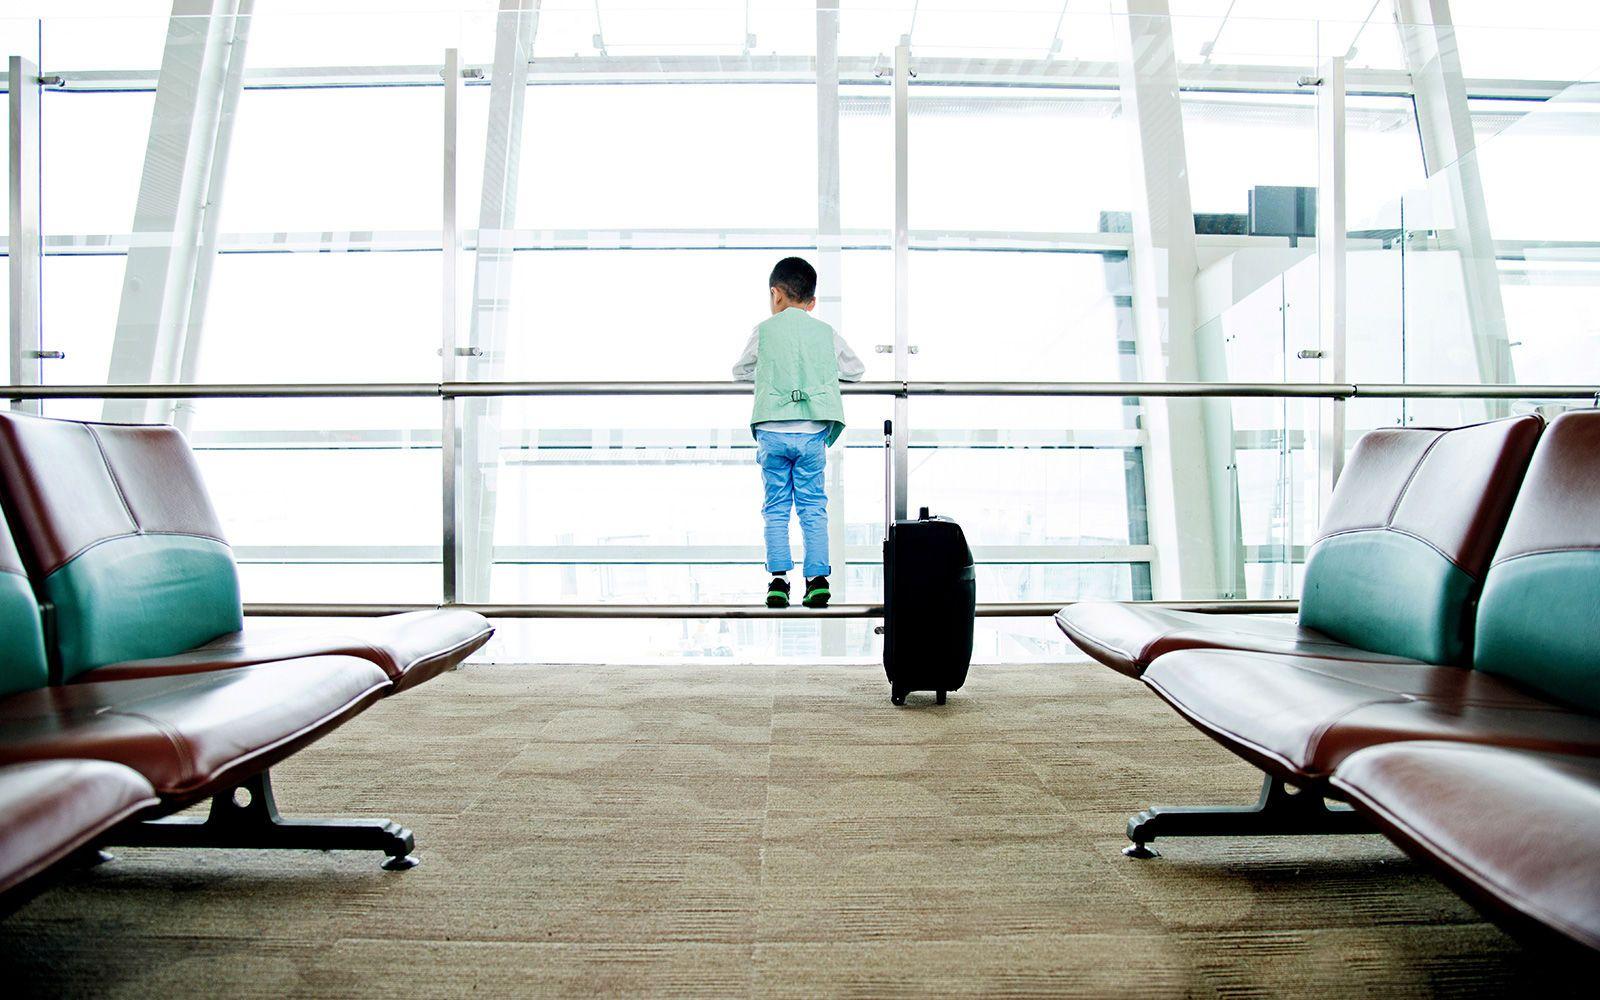 путешествие аэропорт дети документы